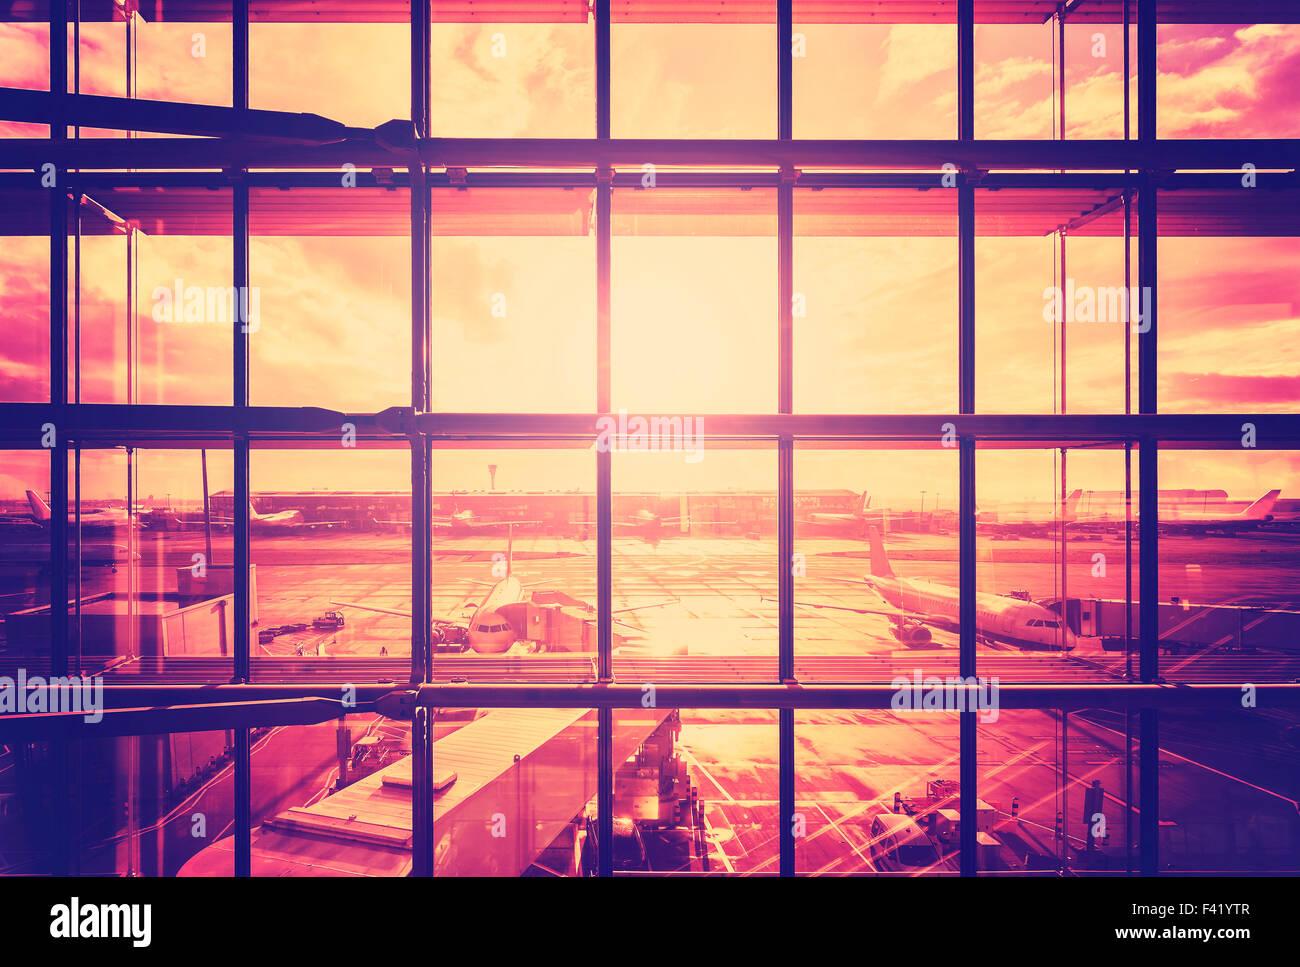 Vintage photo filtrée d'un aéroport, les transports et les voyages d'affaires concept. Photo Stock